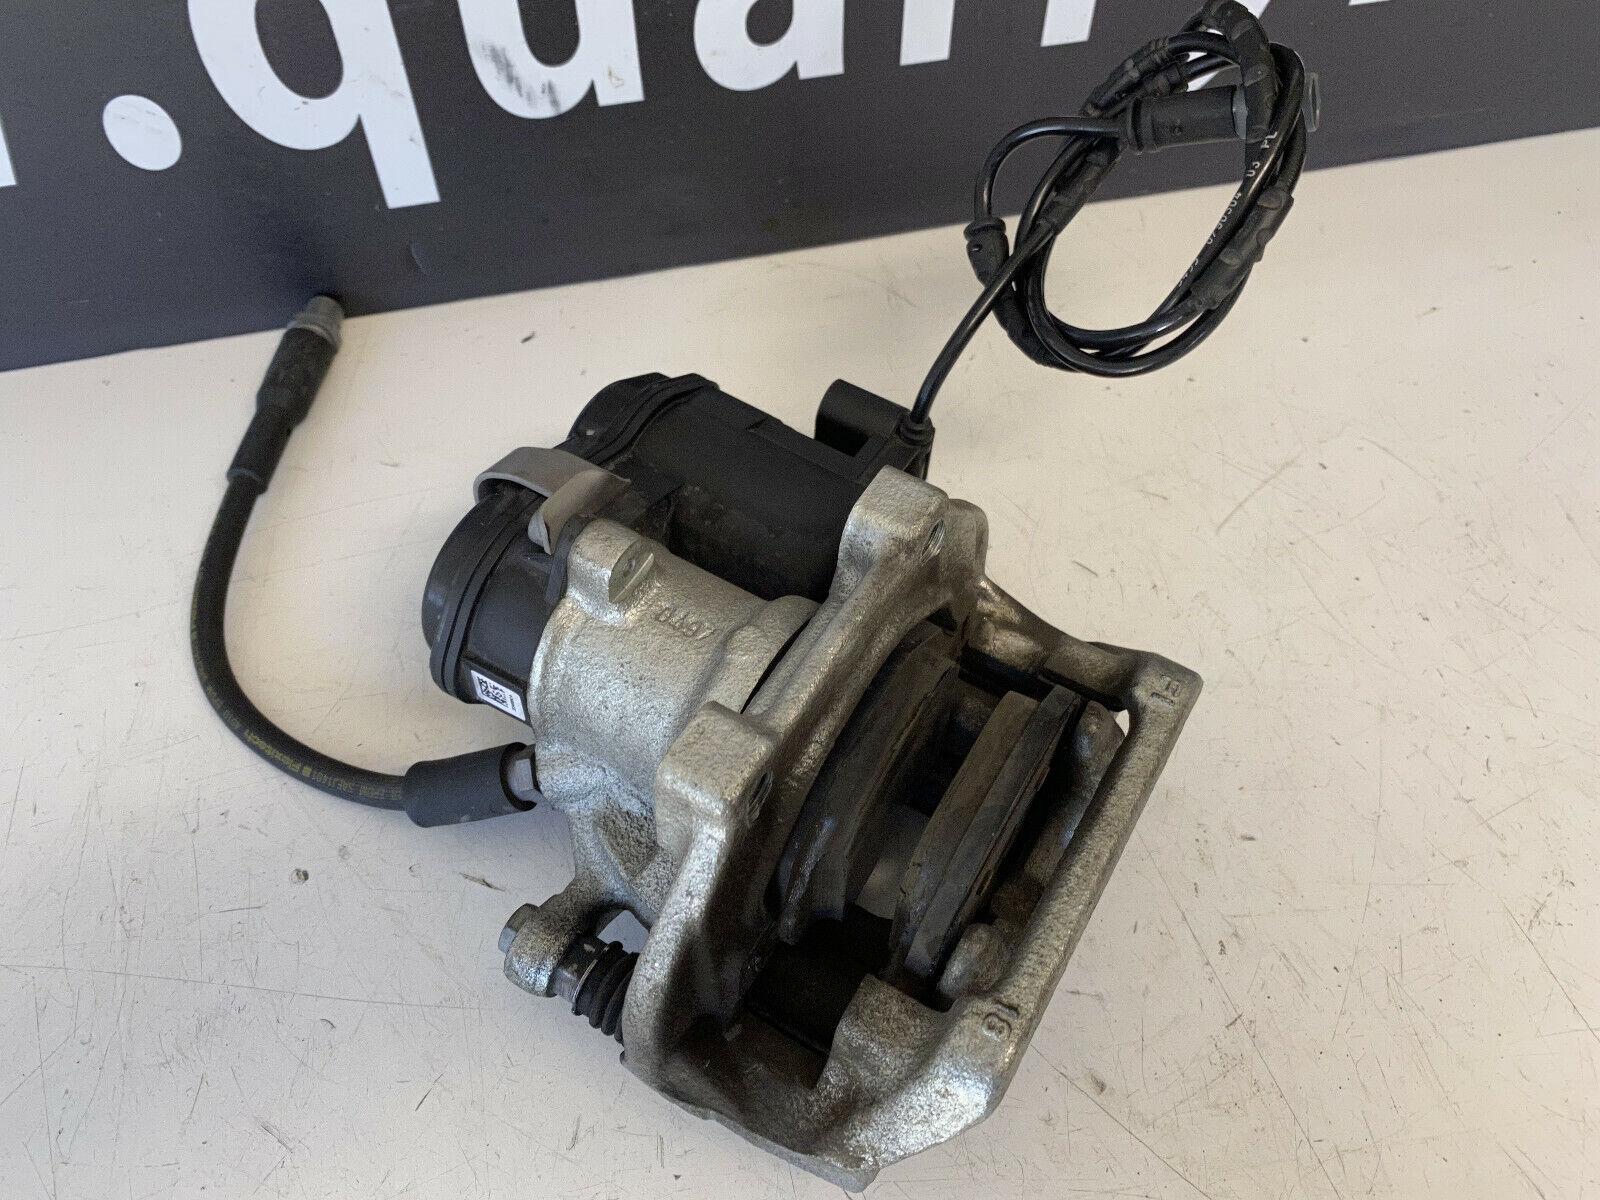 Parking Brake Actuator Electrical Fit BMW F06 F10 F12 F13 F25 F26 Z4 56 X3 X4 Z4